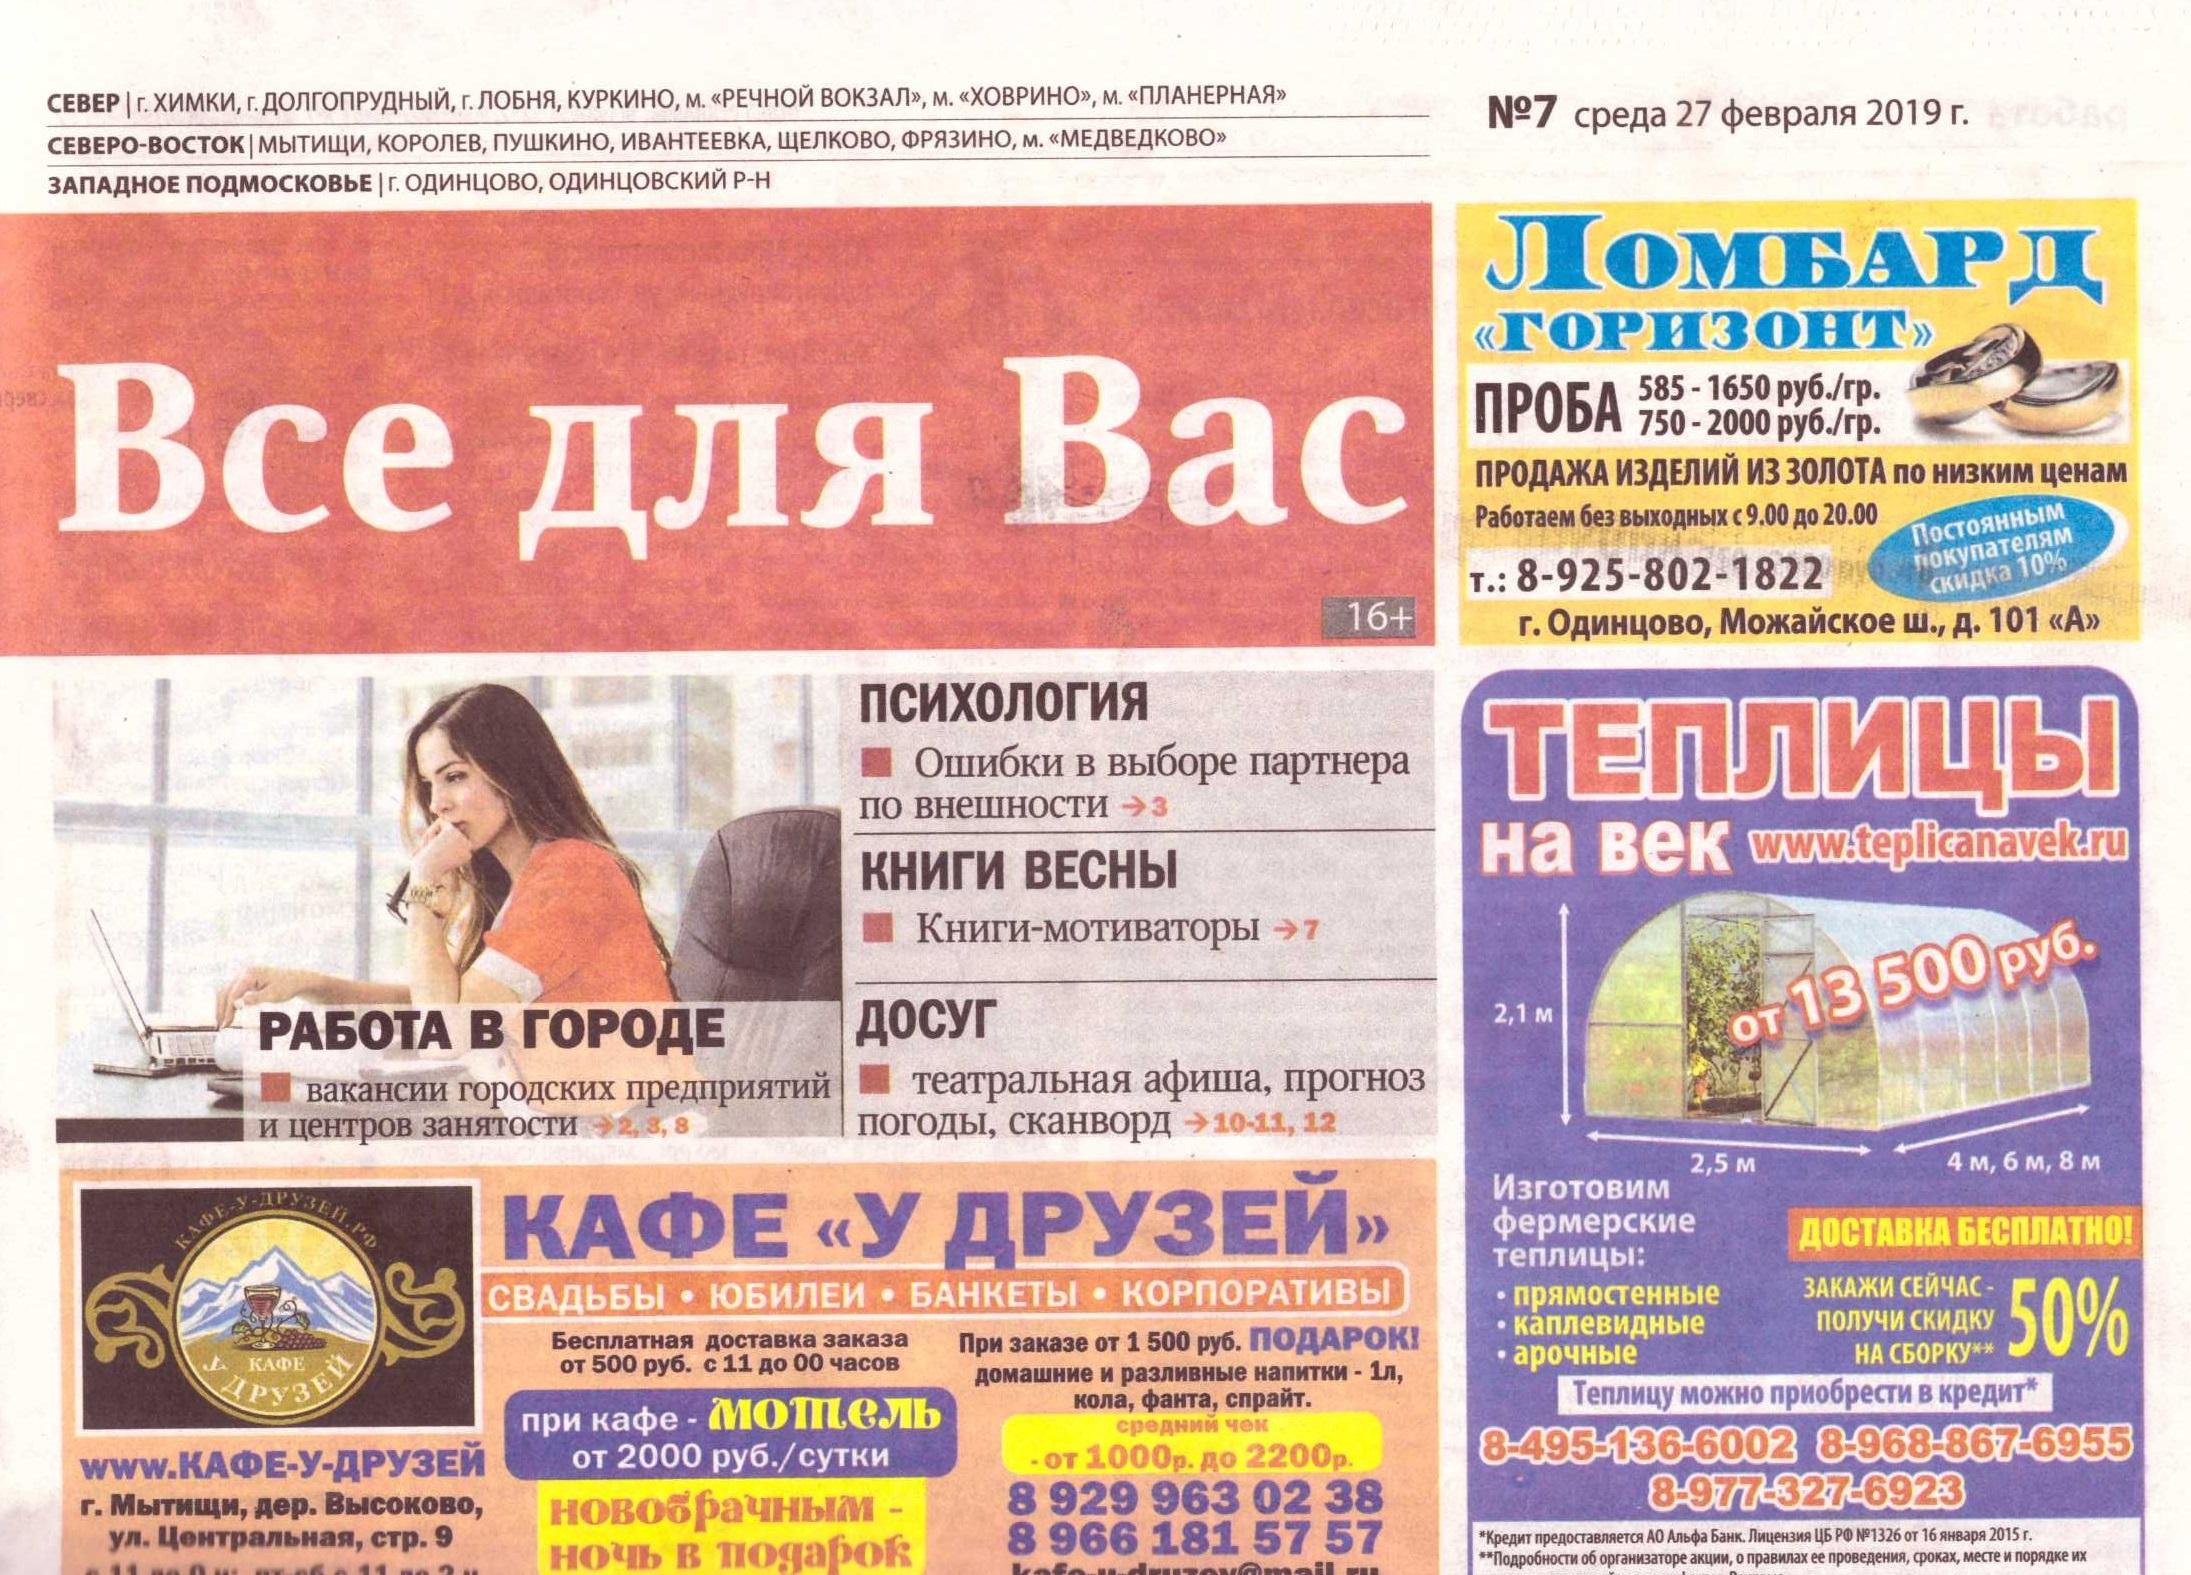 Как перевести деньги с россии в беларусь на карточку беларусбанка